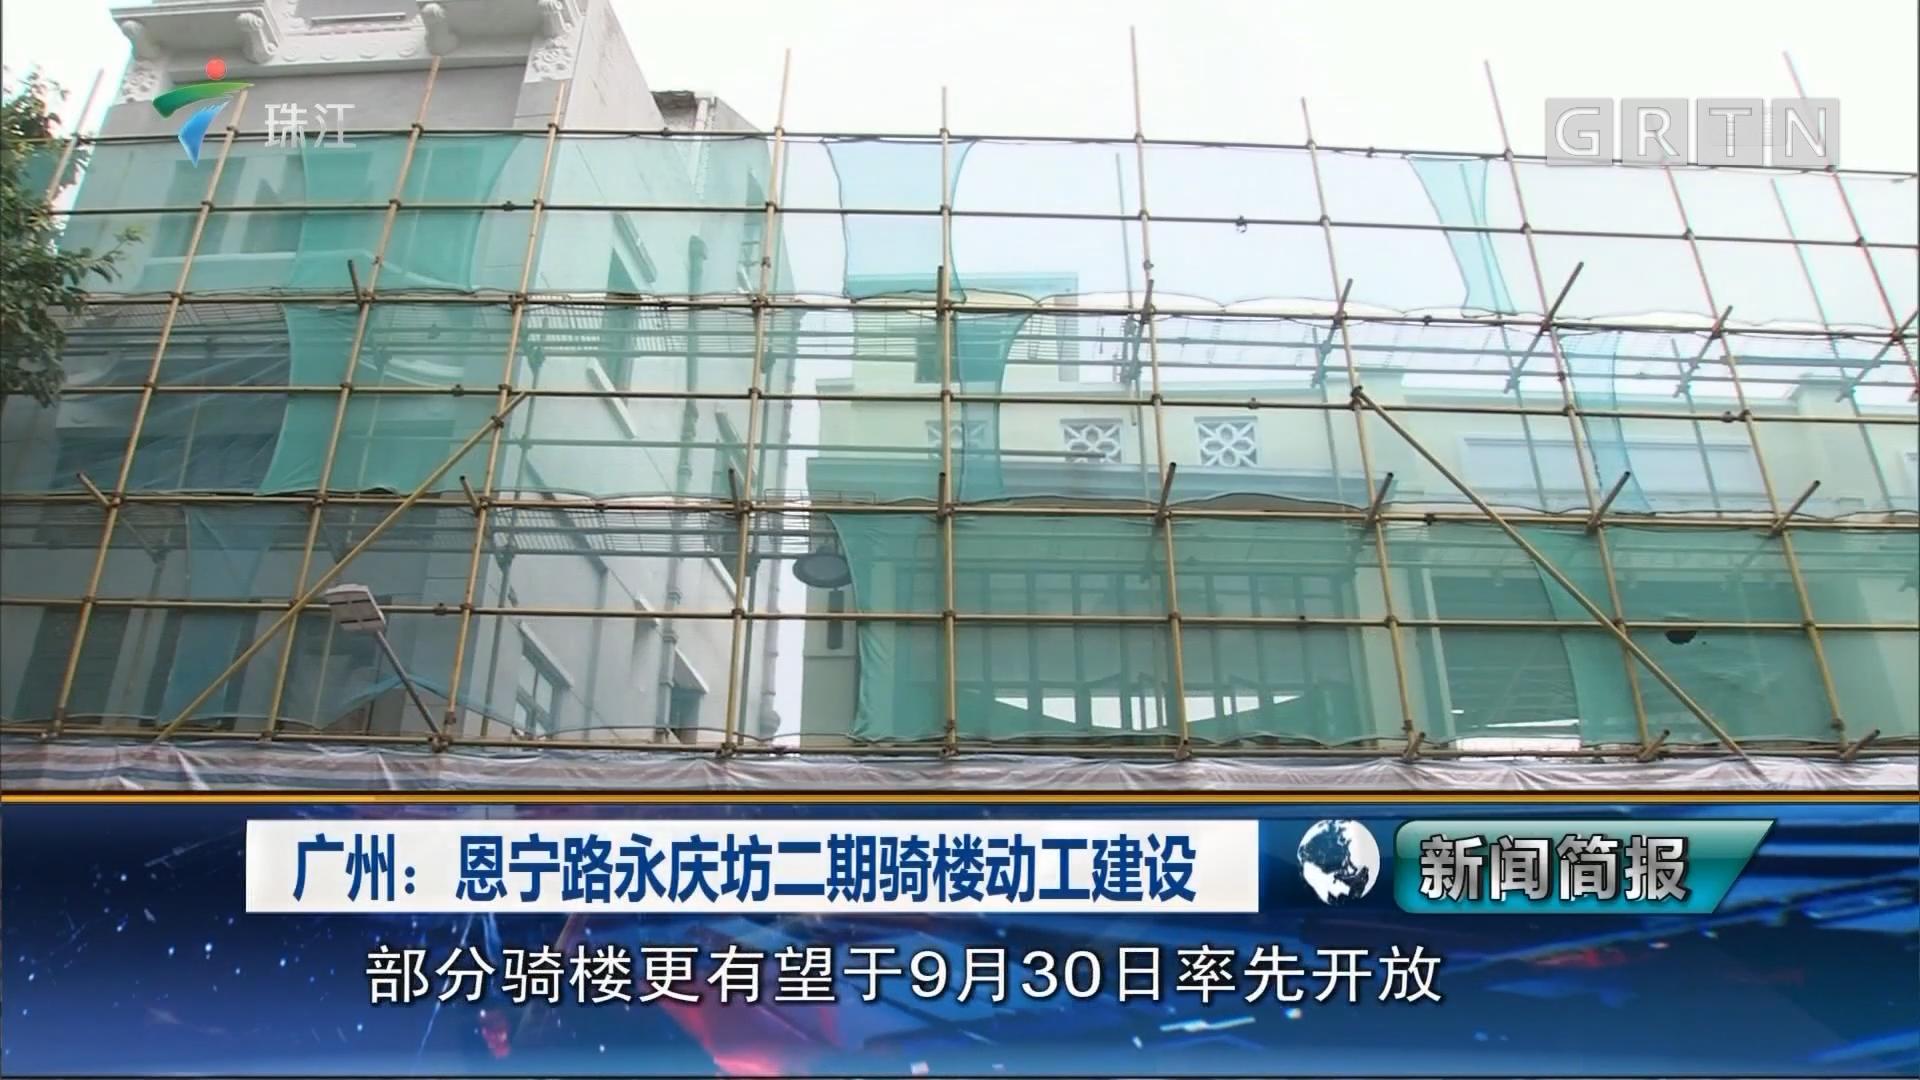 广州:恩宁路永庆坊二期骑楼动工建设